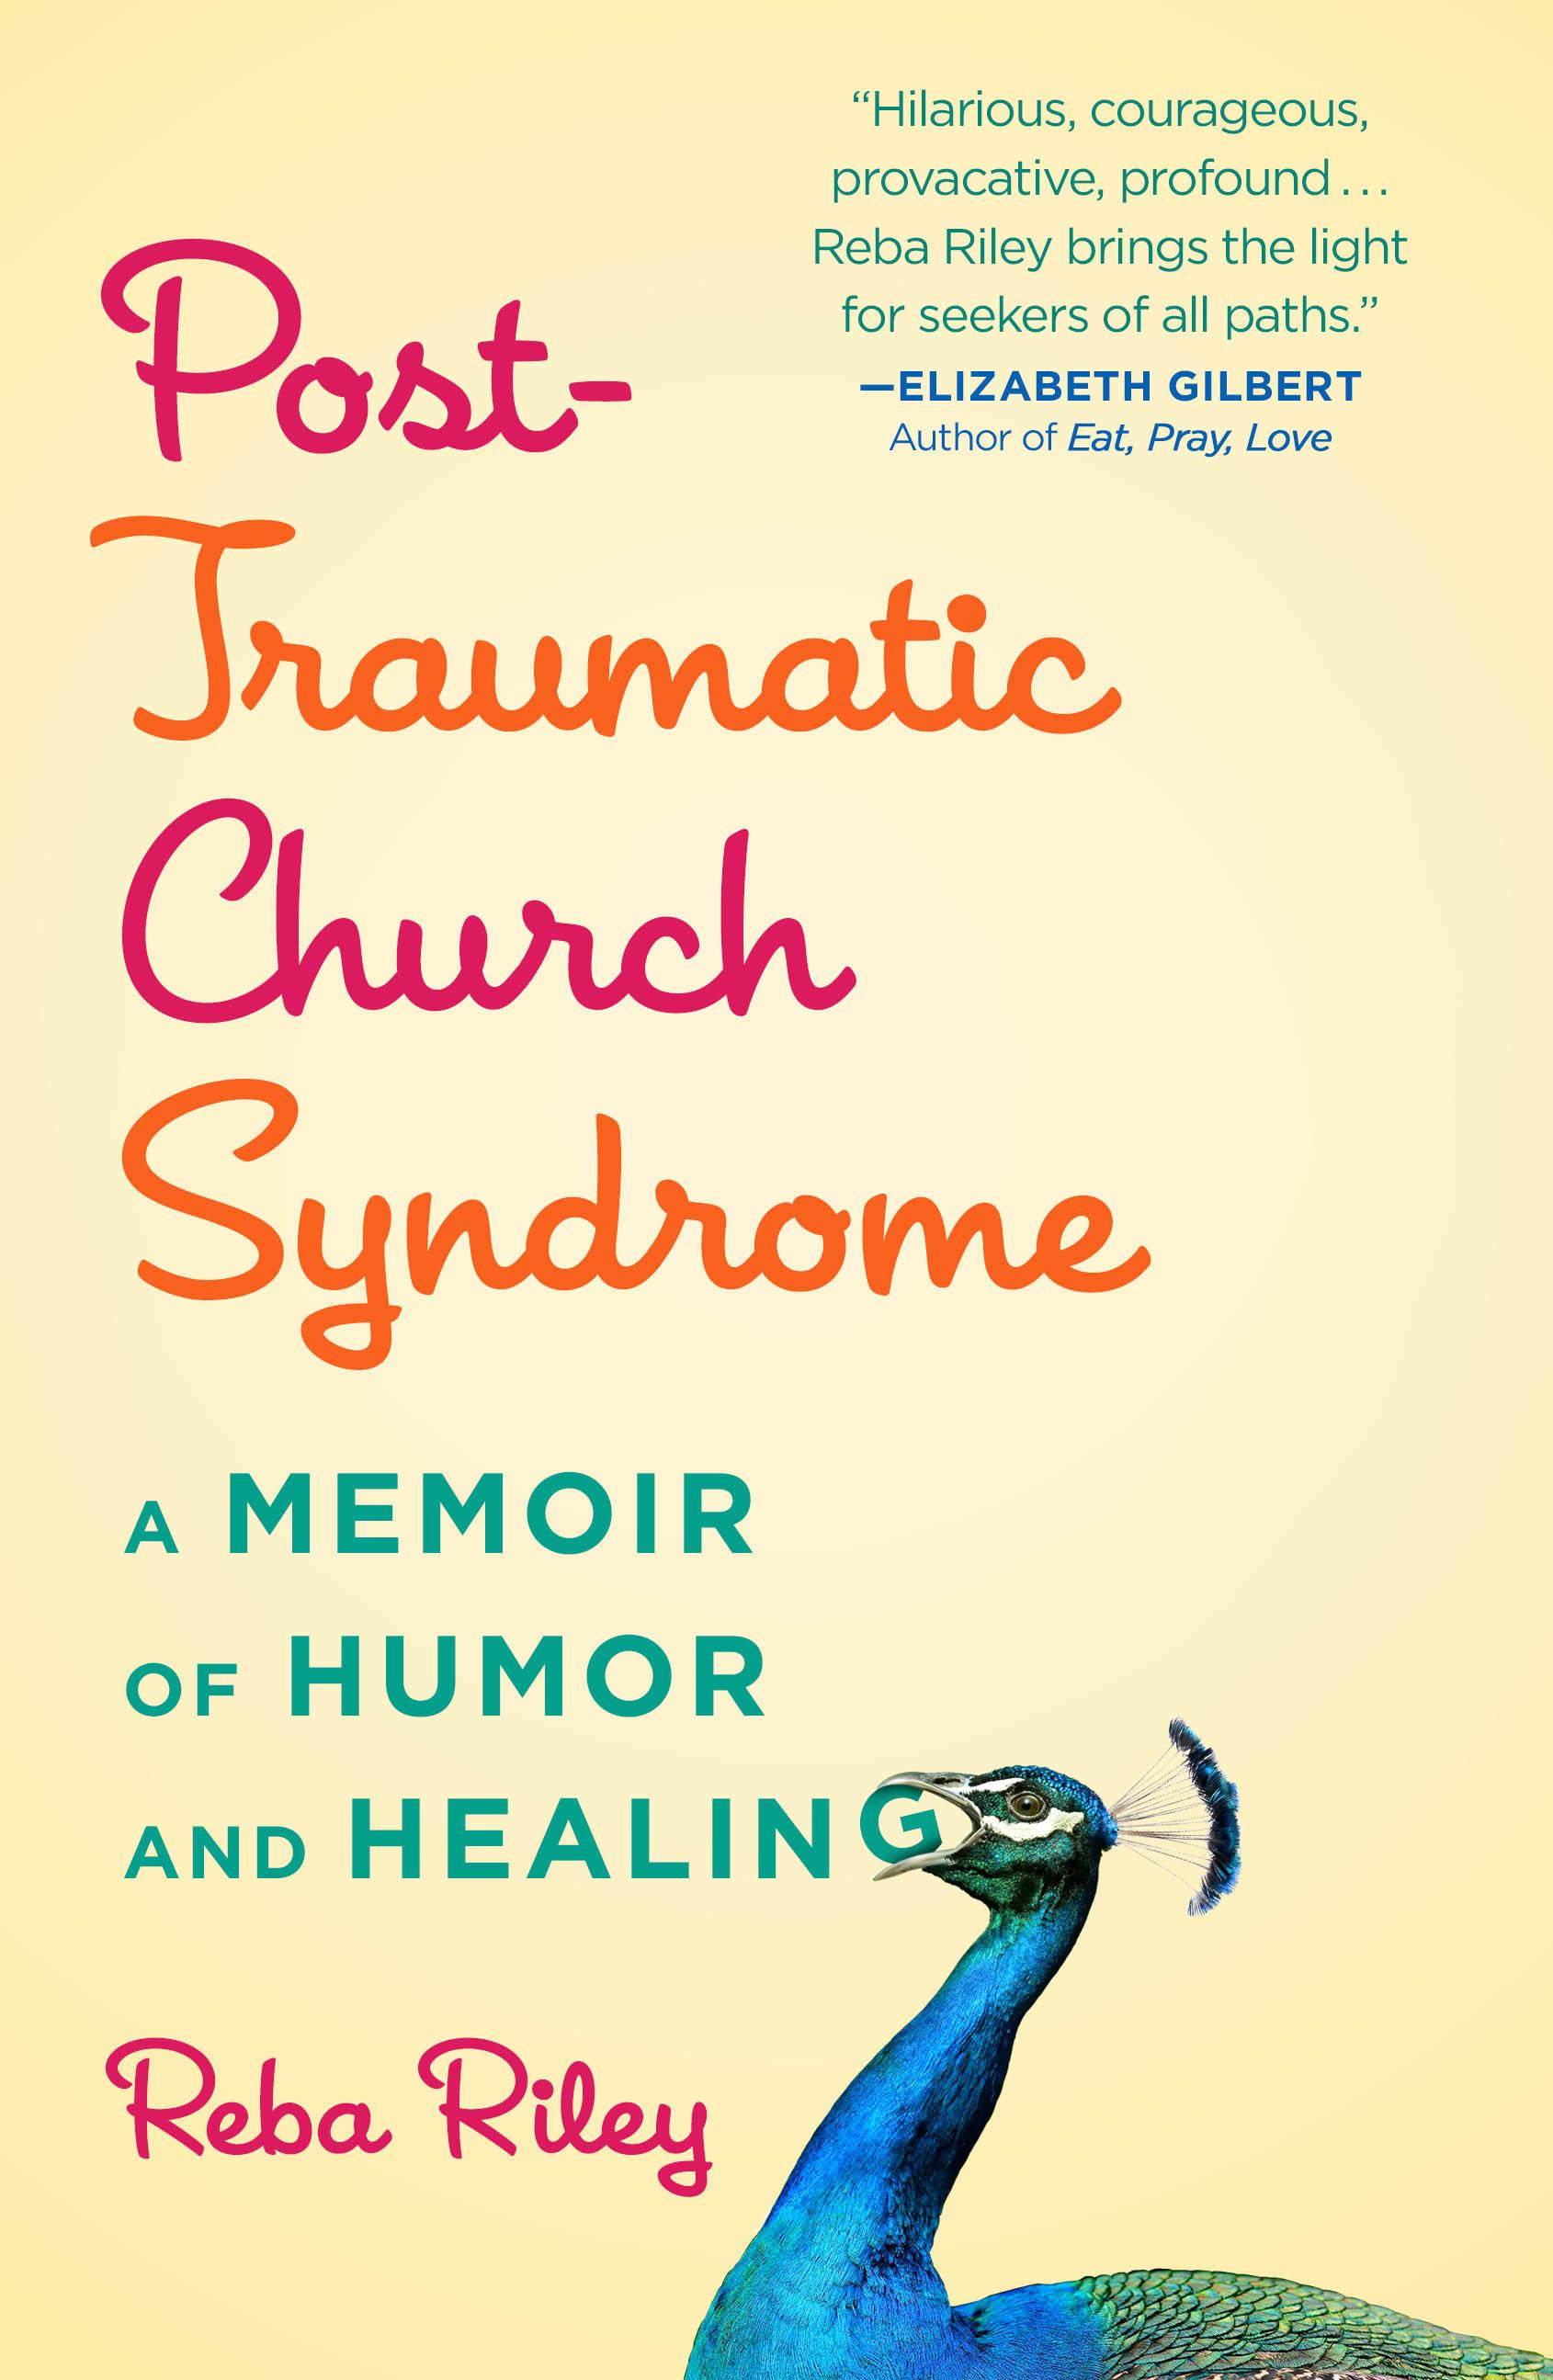 Reba Riley wrote a memoir after experiencing a crisis of faith.